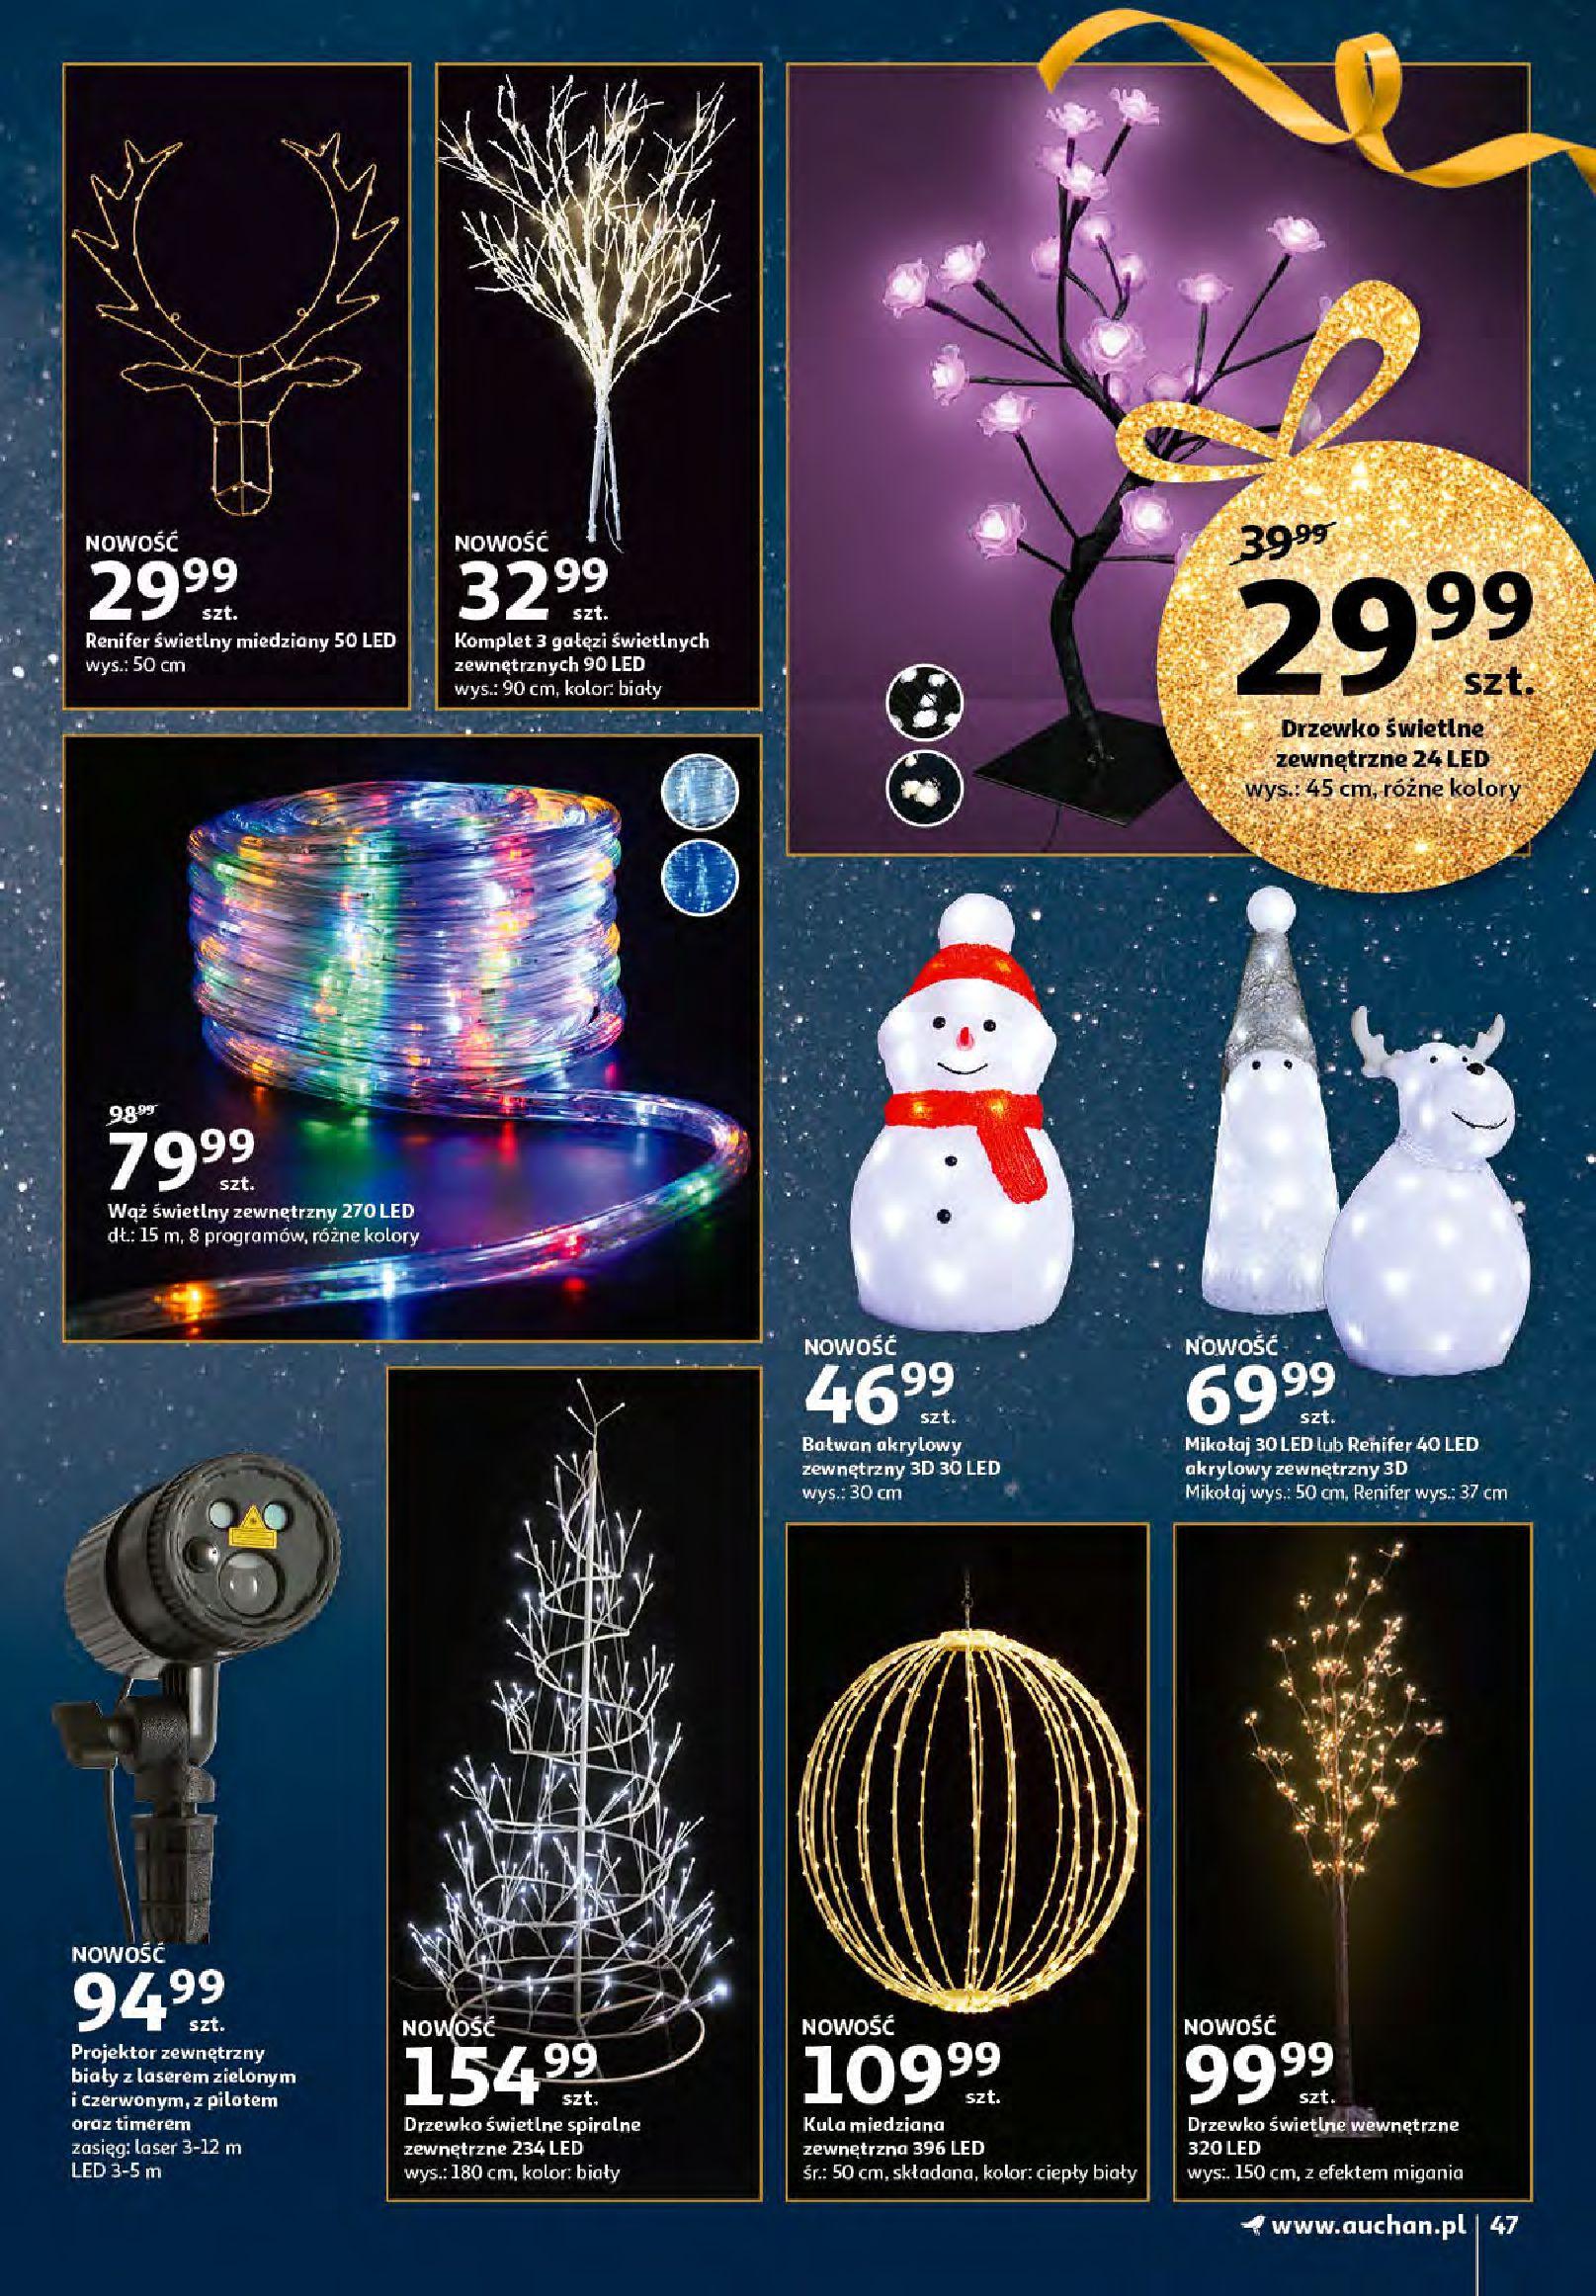 Gazetka Auchan - Magia zabawek i świątecznych ozdób-11.11.2020-25.11.2020-page-47